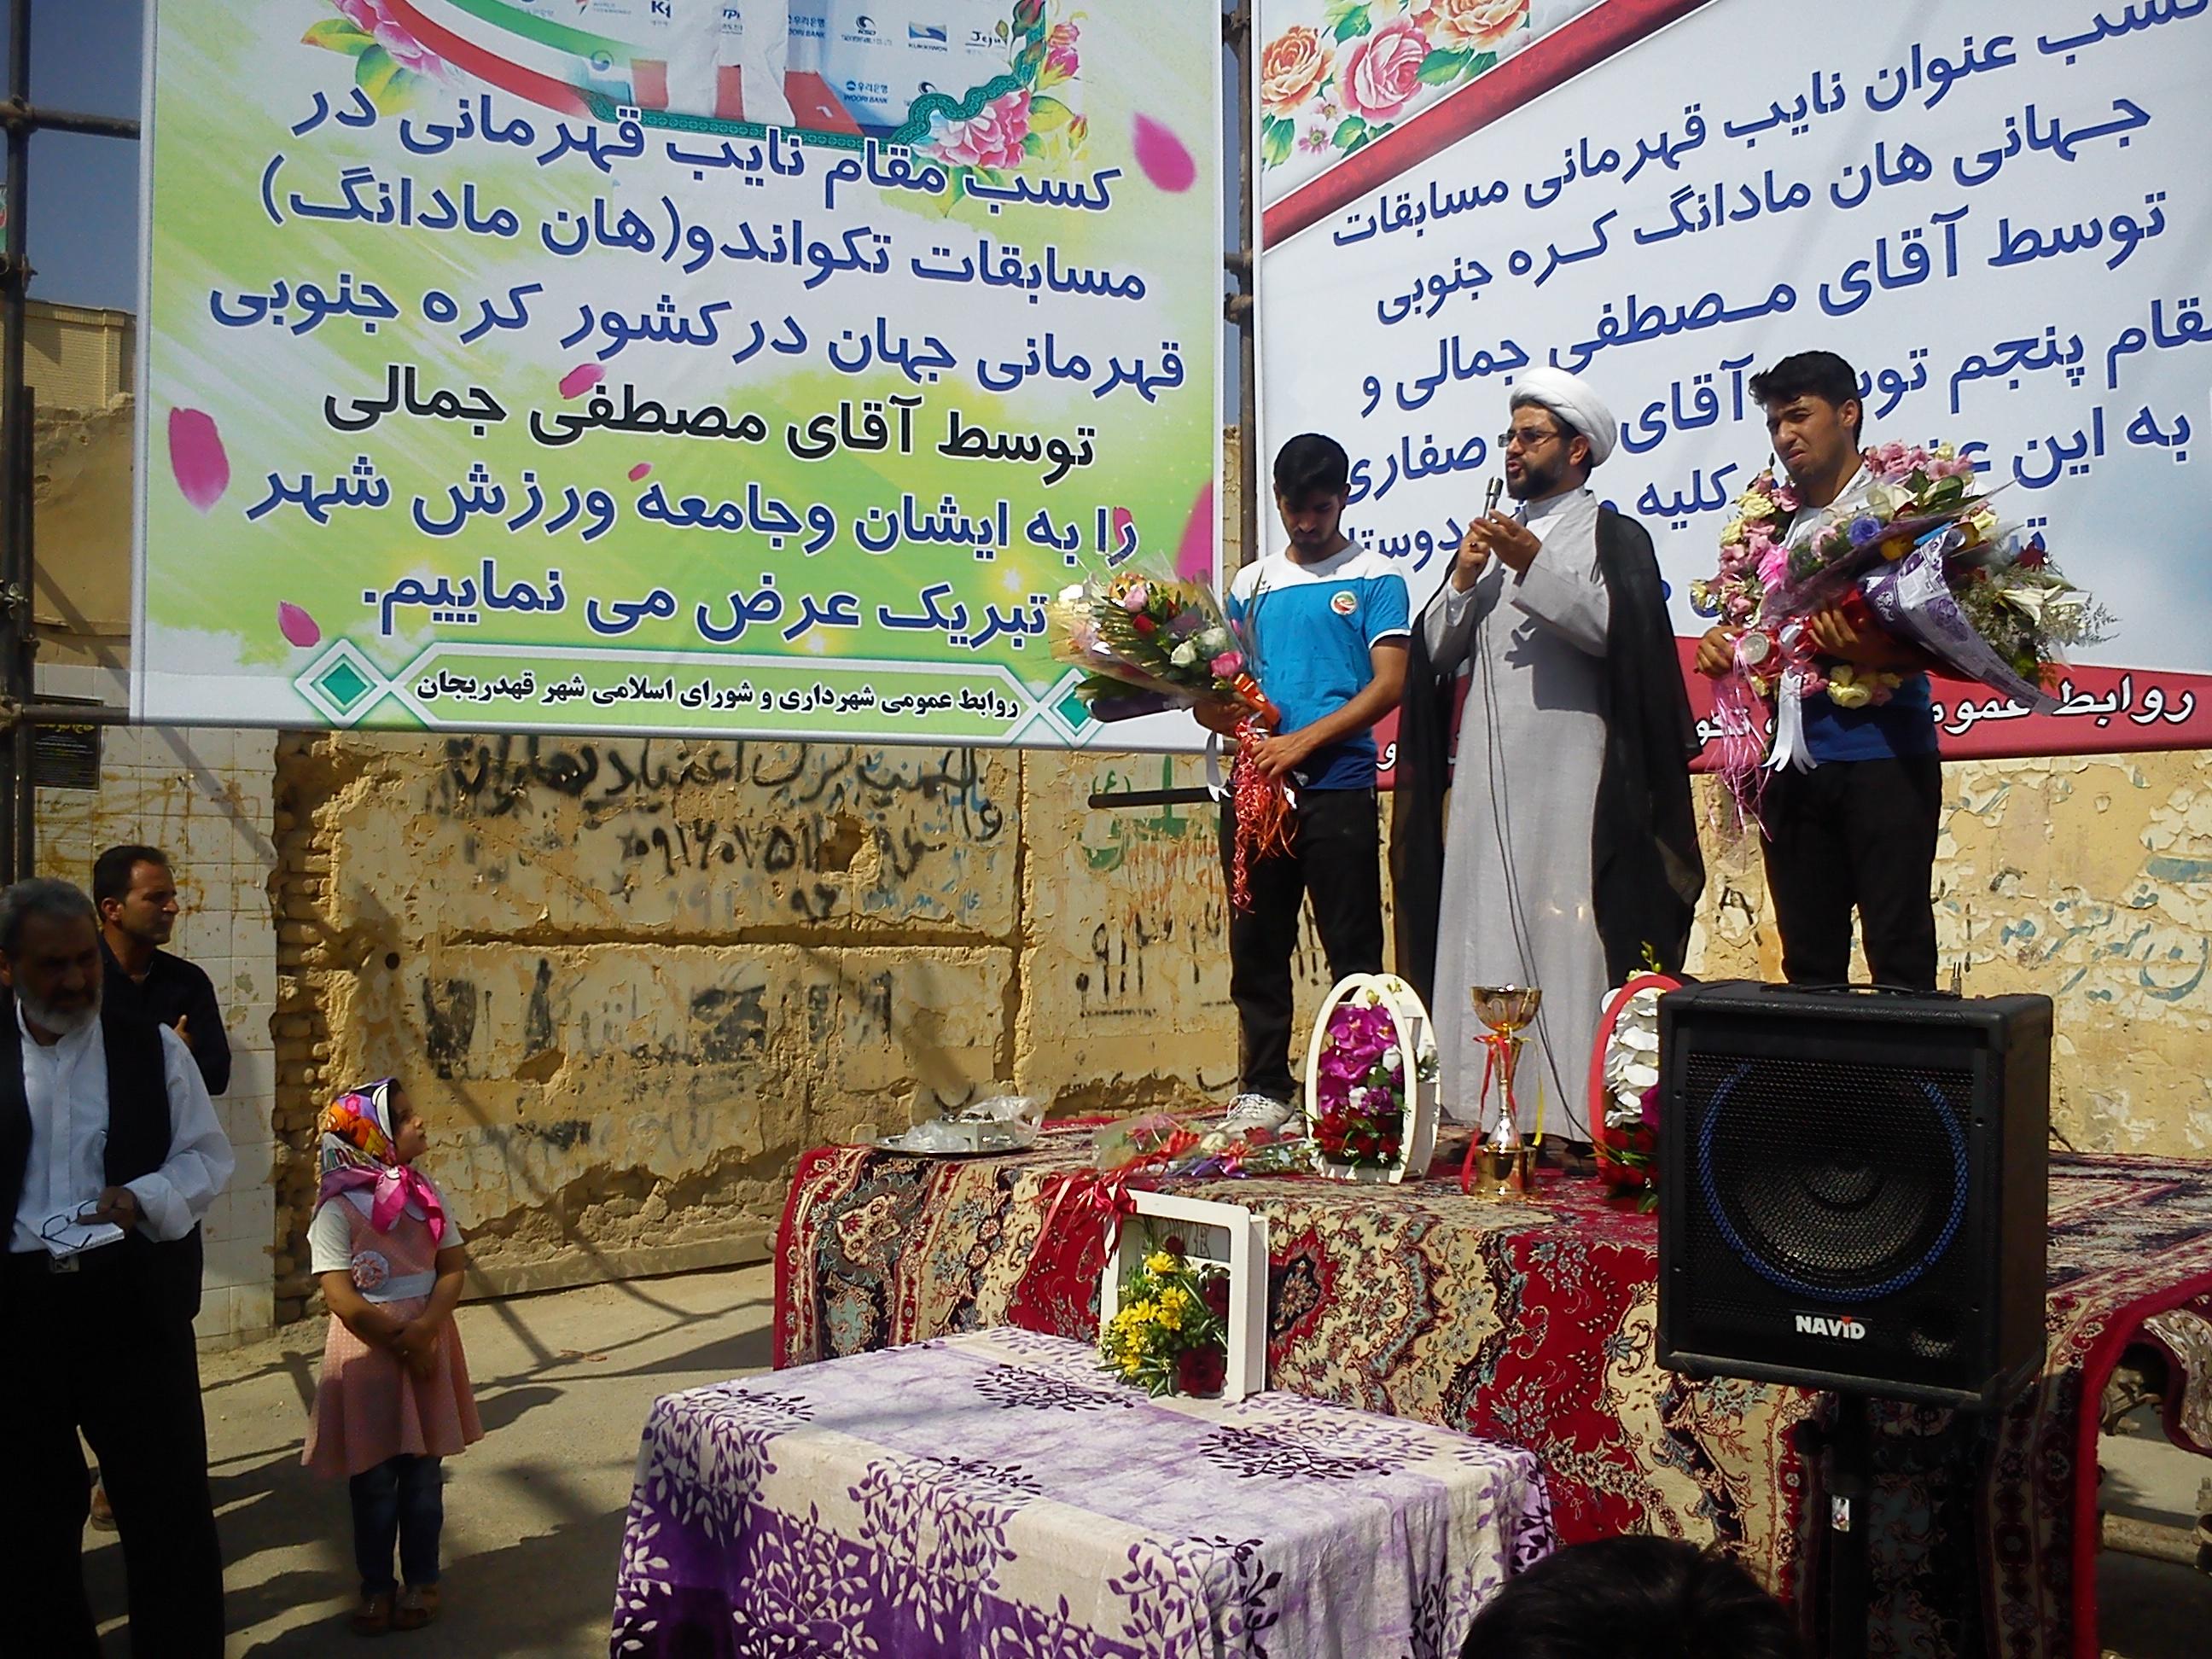 حضور امام جمعه محترم شهر قهدریجان در مراسم استقبال از دو ورزشکار مدال آور جهانی شهر قهدریجان در مید